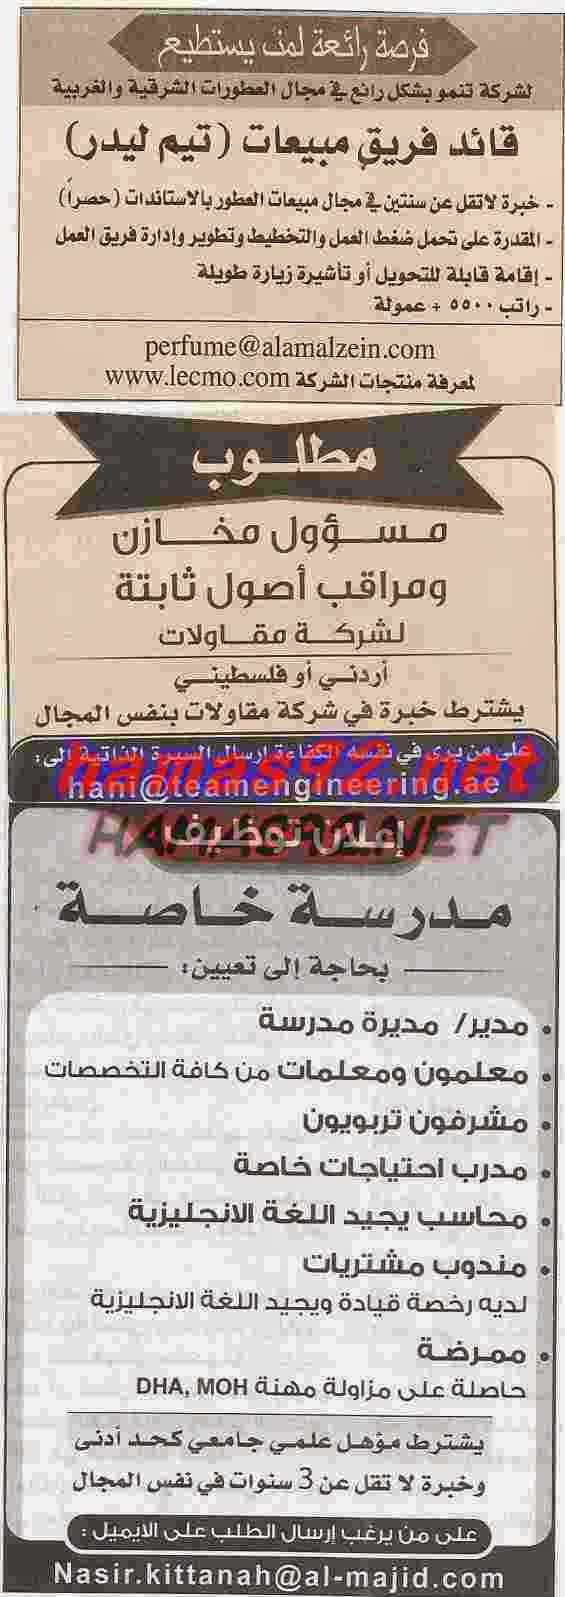 وظائف خاليه فى الامارات وظائف جريدة الخليج 4 5 2015 Sheet Music Music Perfume